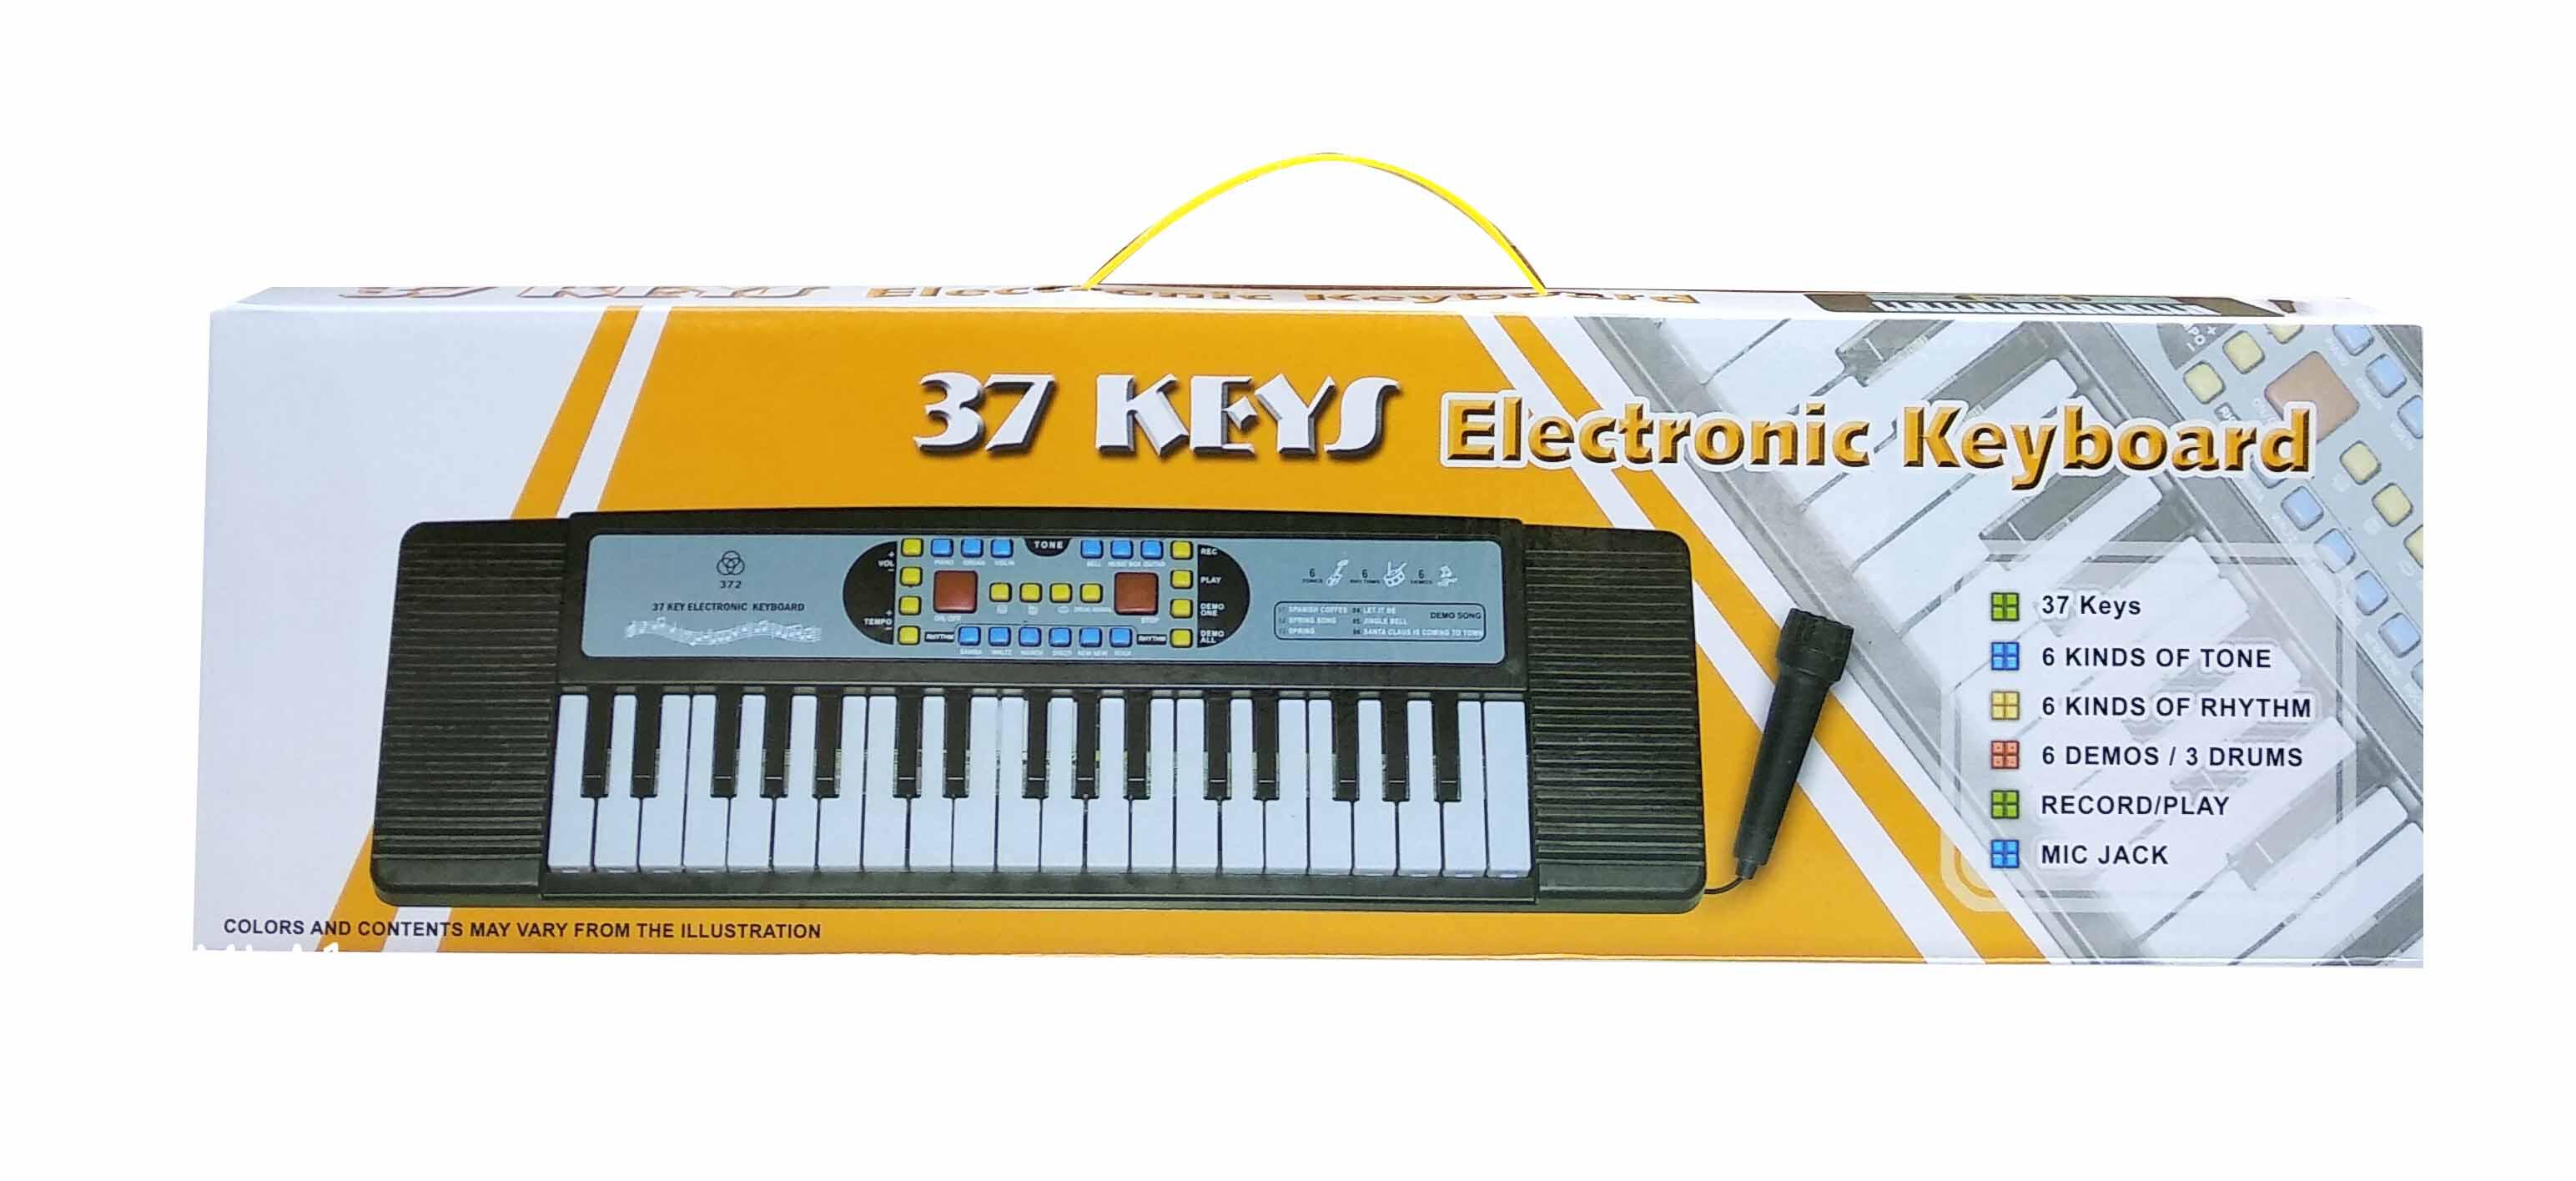 toko mainan online 37 KEYS ELECTRONIC KEYBOARD - 372